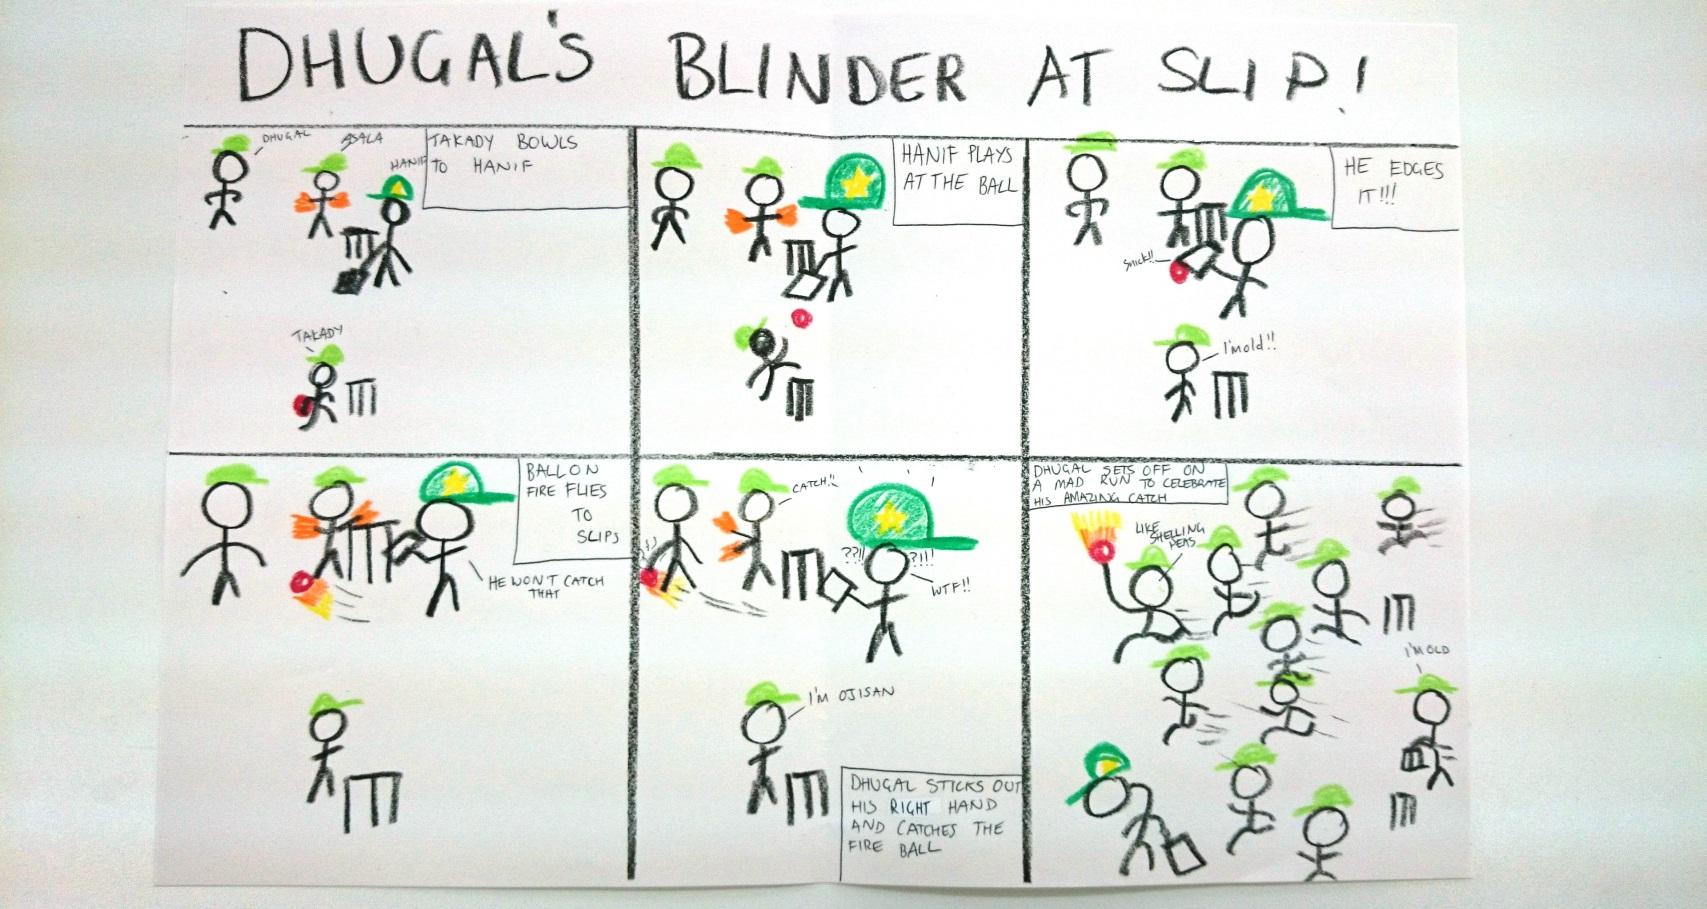 doog blinder